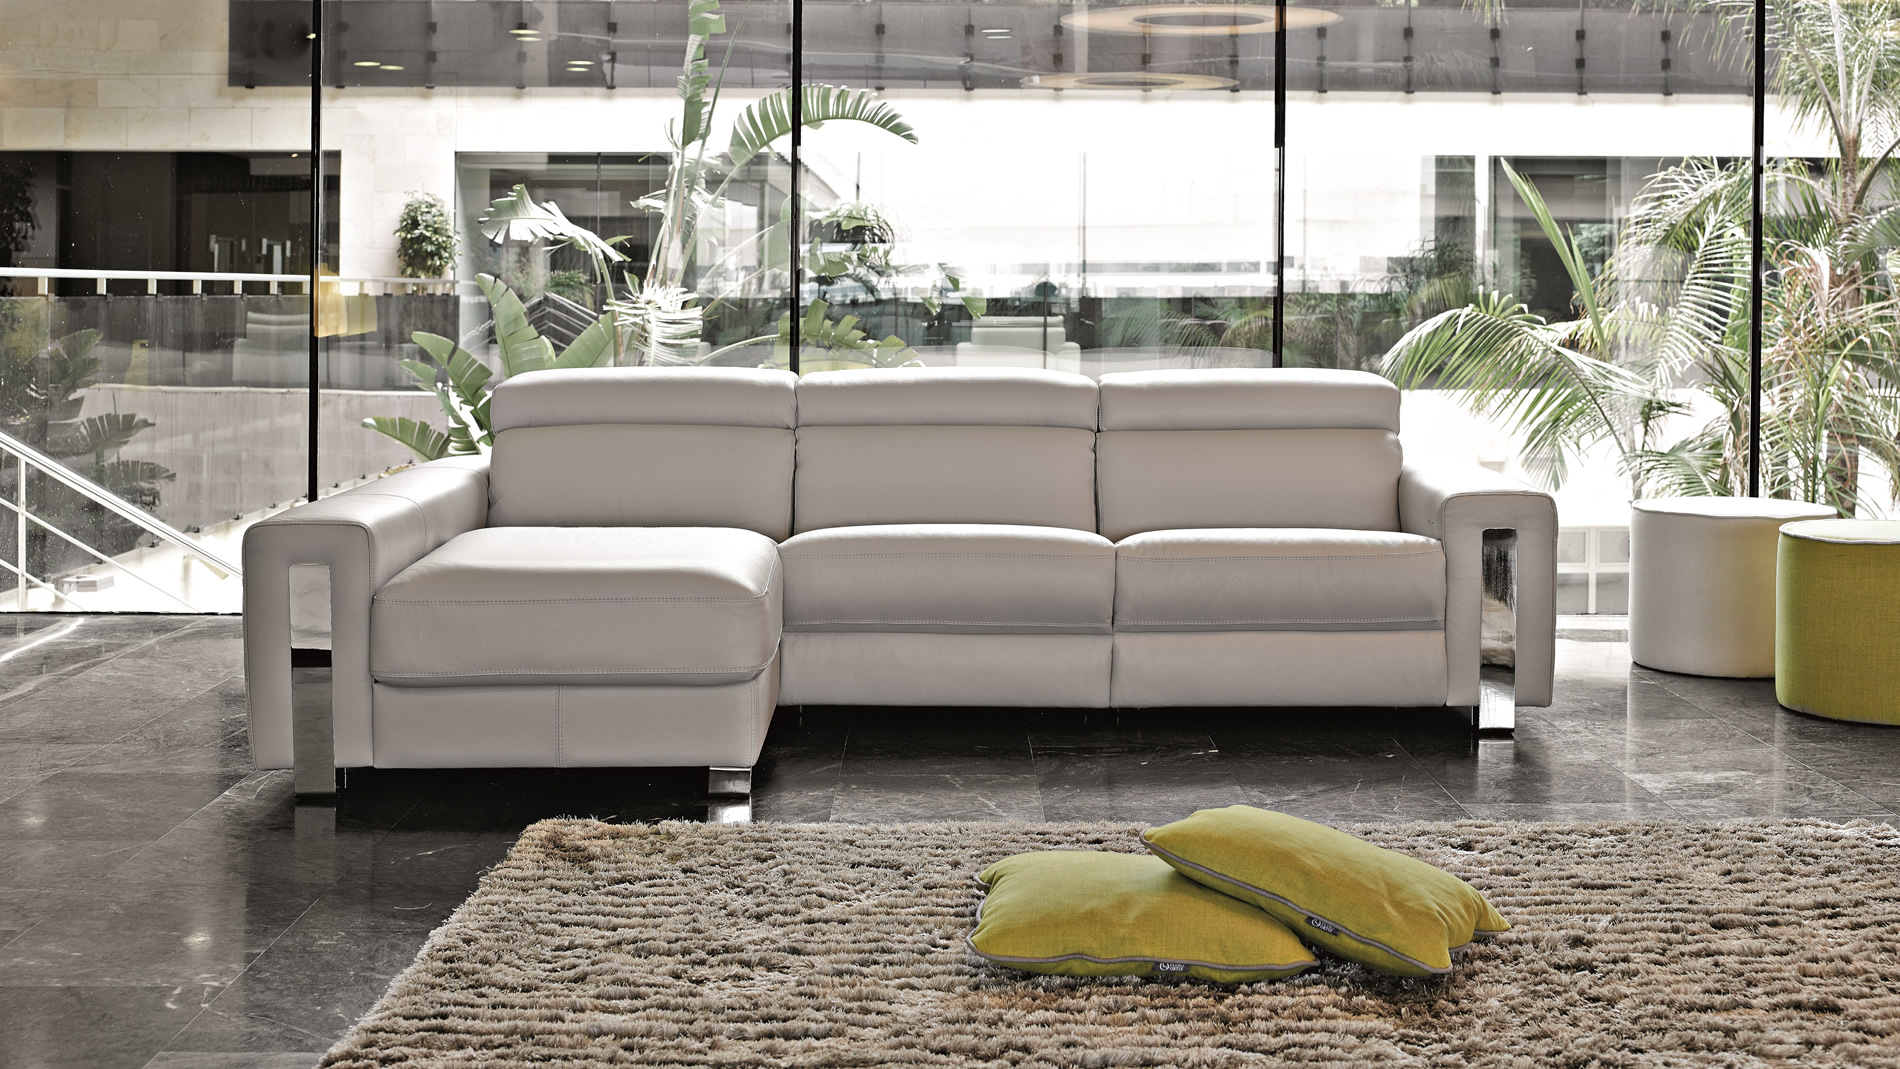 Decovarte Sofas 16-9